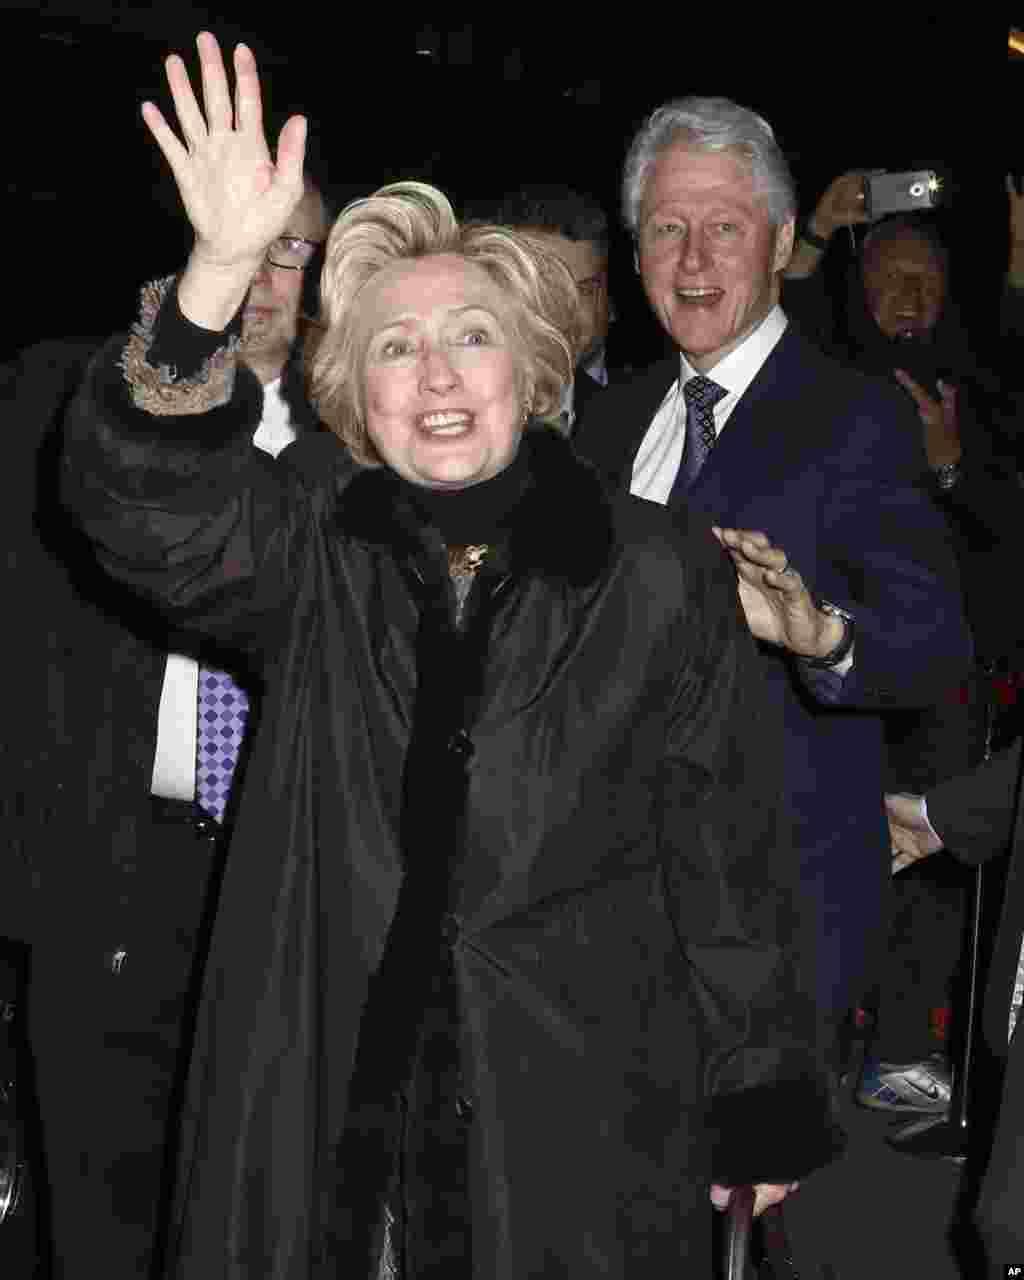 """L'ancienne secrétaire d'État Hillary Clinton et l'ancien président Bill Clinton assistent à la comédie musicale """"In Transit"""" de Broadway, au Circle in the Square Theatre, New York, 1er février 2017."""